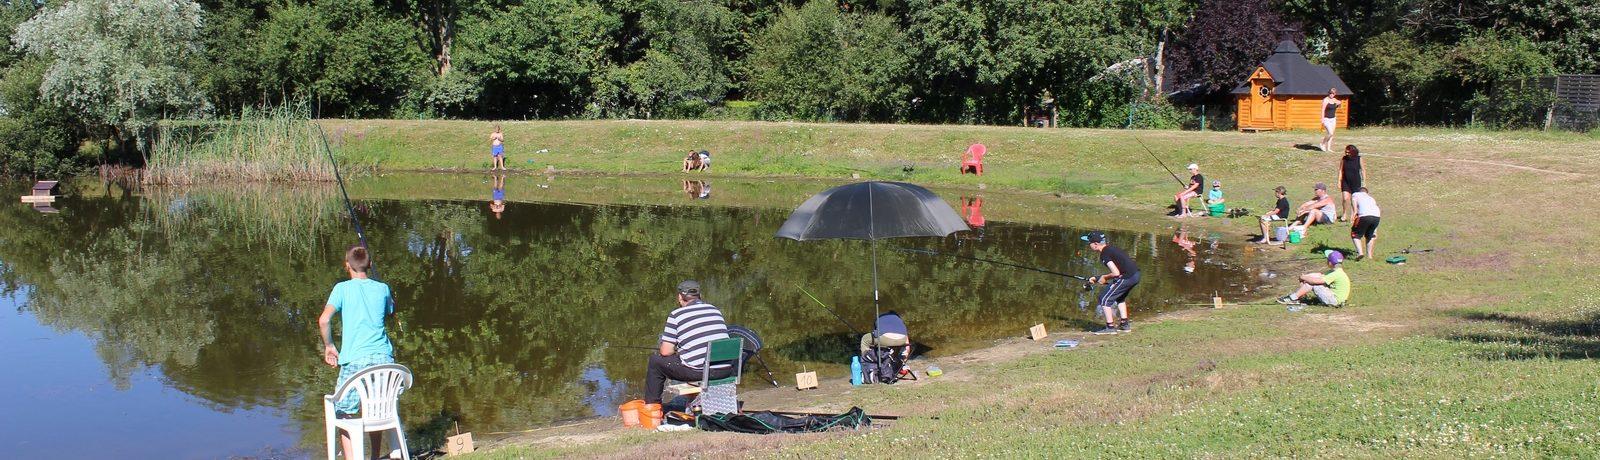 Camping de l'Étang du Pays Blanc is een mooie familiecamping in de Vendée. Deze camping heeft een prachtig zwembad wat afgesloten kan worden als het regent. Het terrein is mooi gelegen en omgeven door groen en natuur.